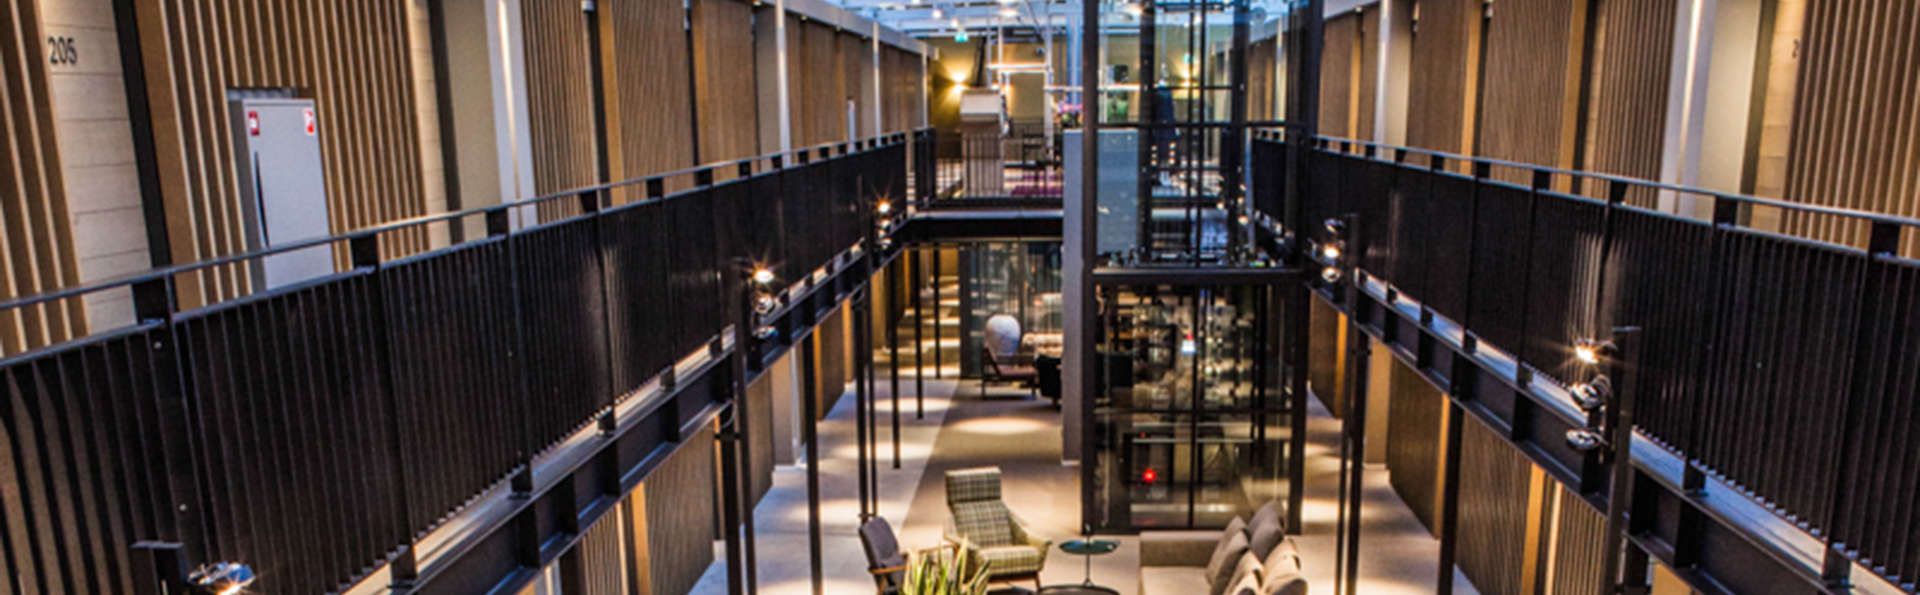 Hotel De Hallen - EDIT_Hotel_De_Hallen_Lobby___25_.jpg